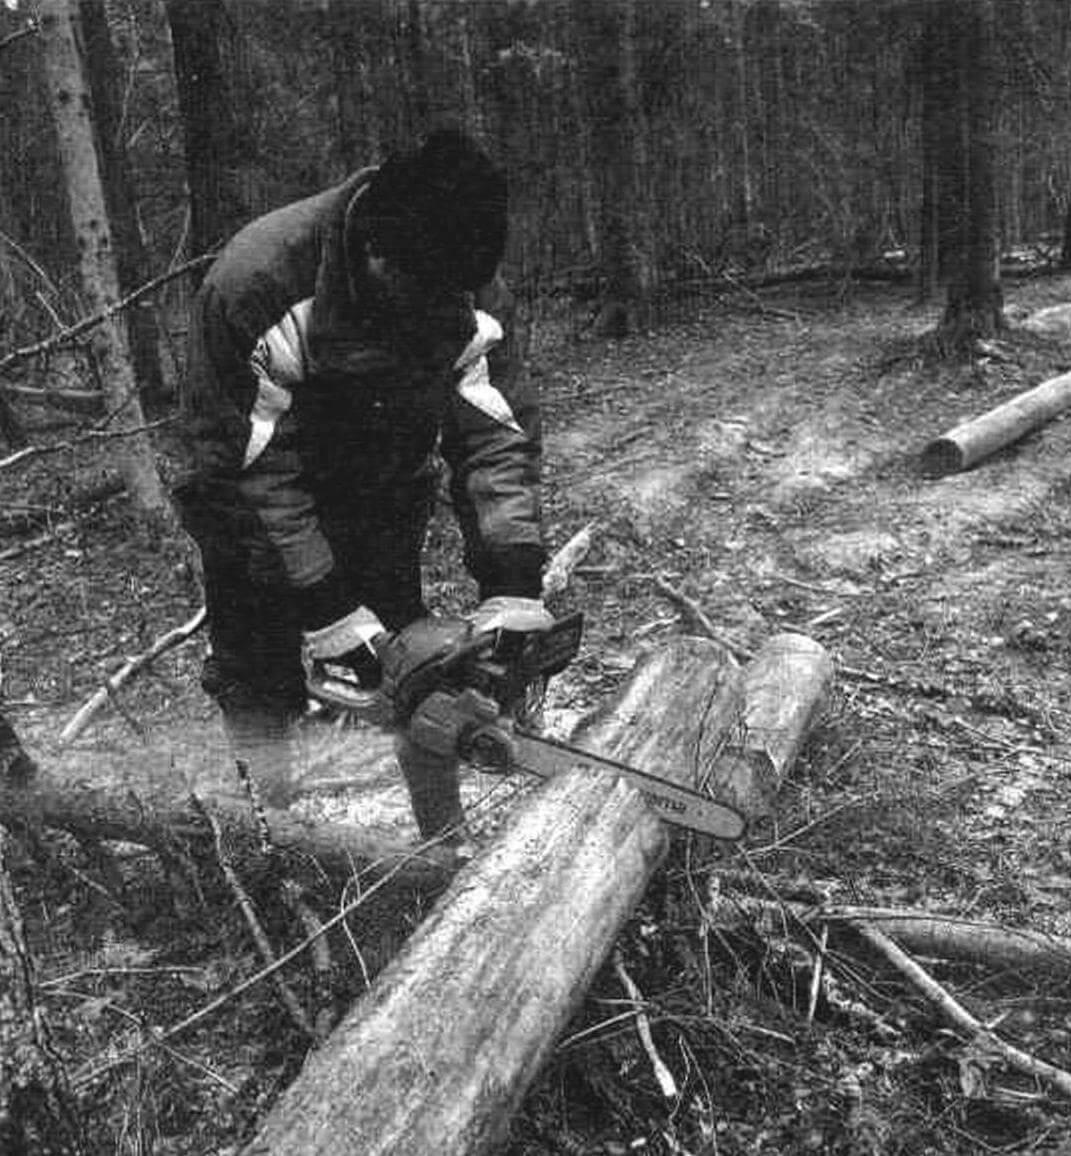 Удачная находка - такой ствол будет отличным полуфабрикатом для «дровяного примуса»